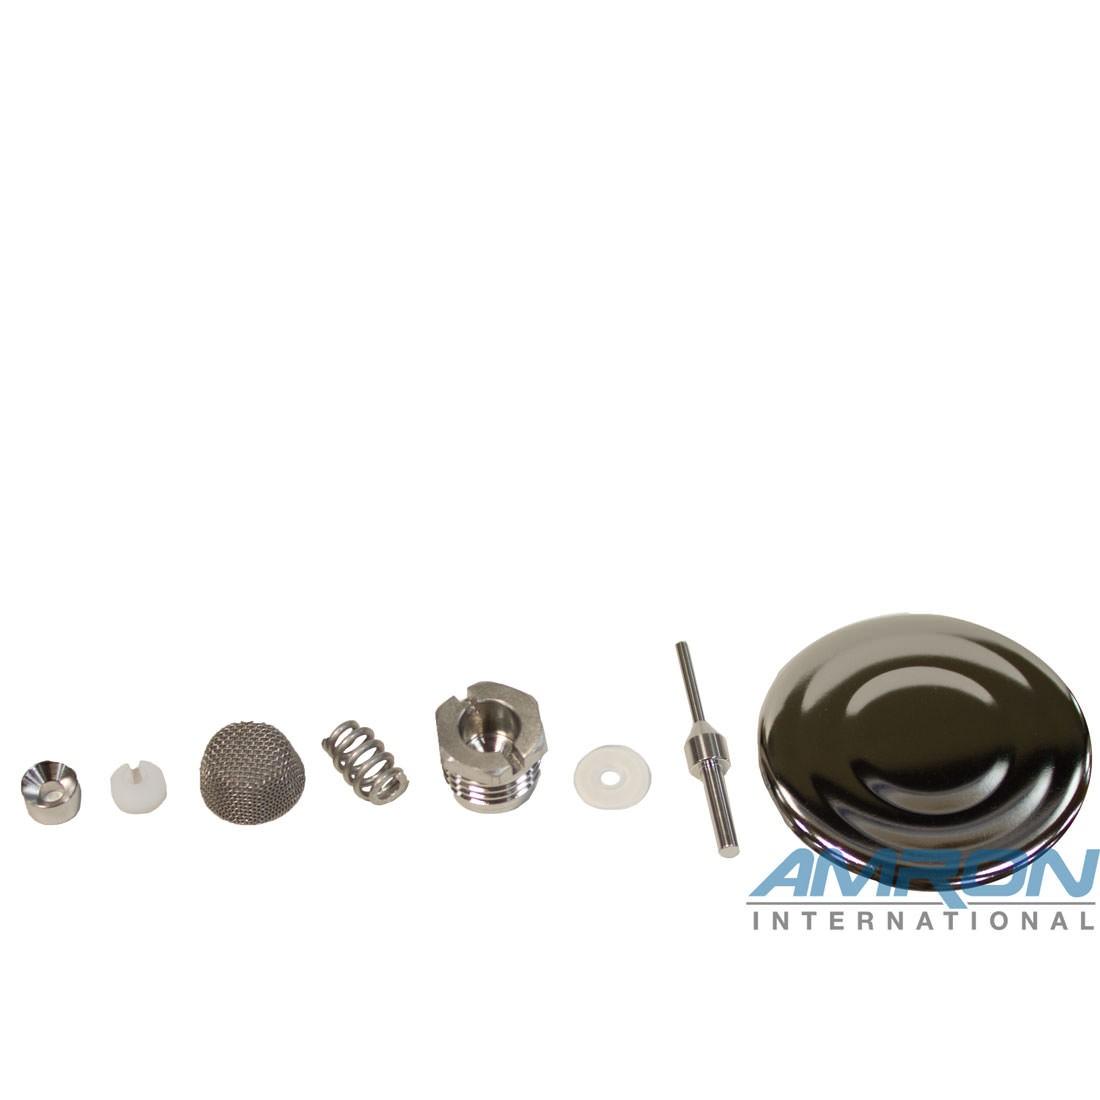 TESCOM 389-6342 Regulator Repair Kit for 44-22XX-241